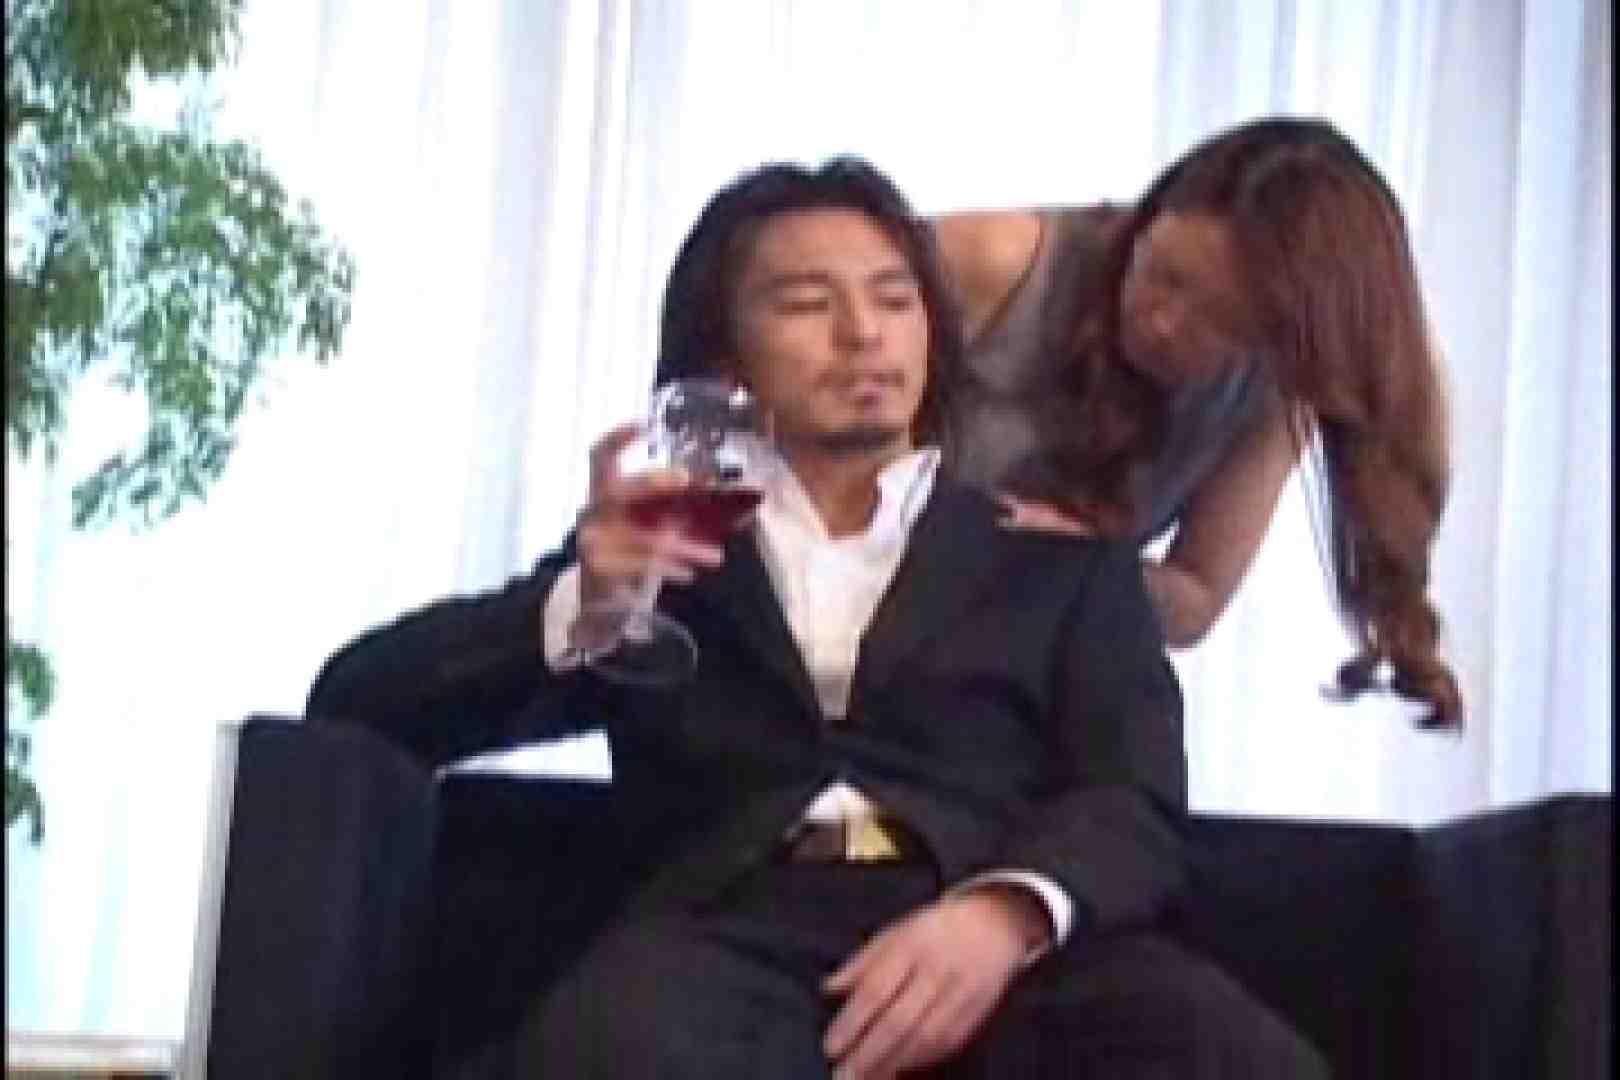 BEST OF イケメン!!男目線のガチSEX vol.06(対女性作品) ホスト  113pic 1